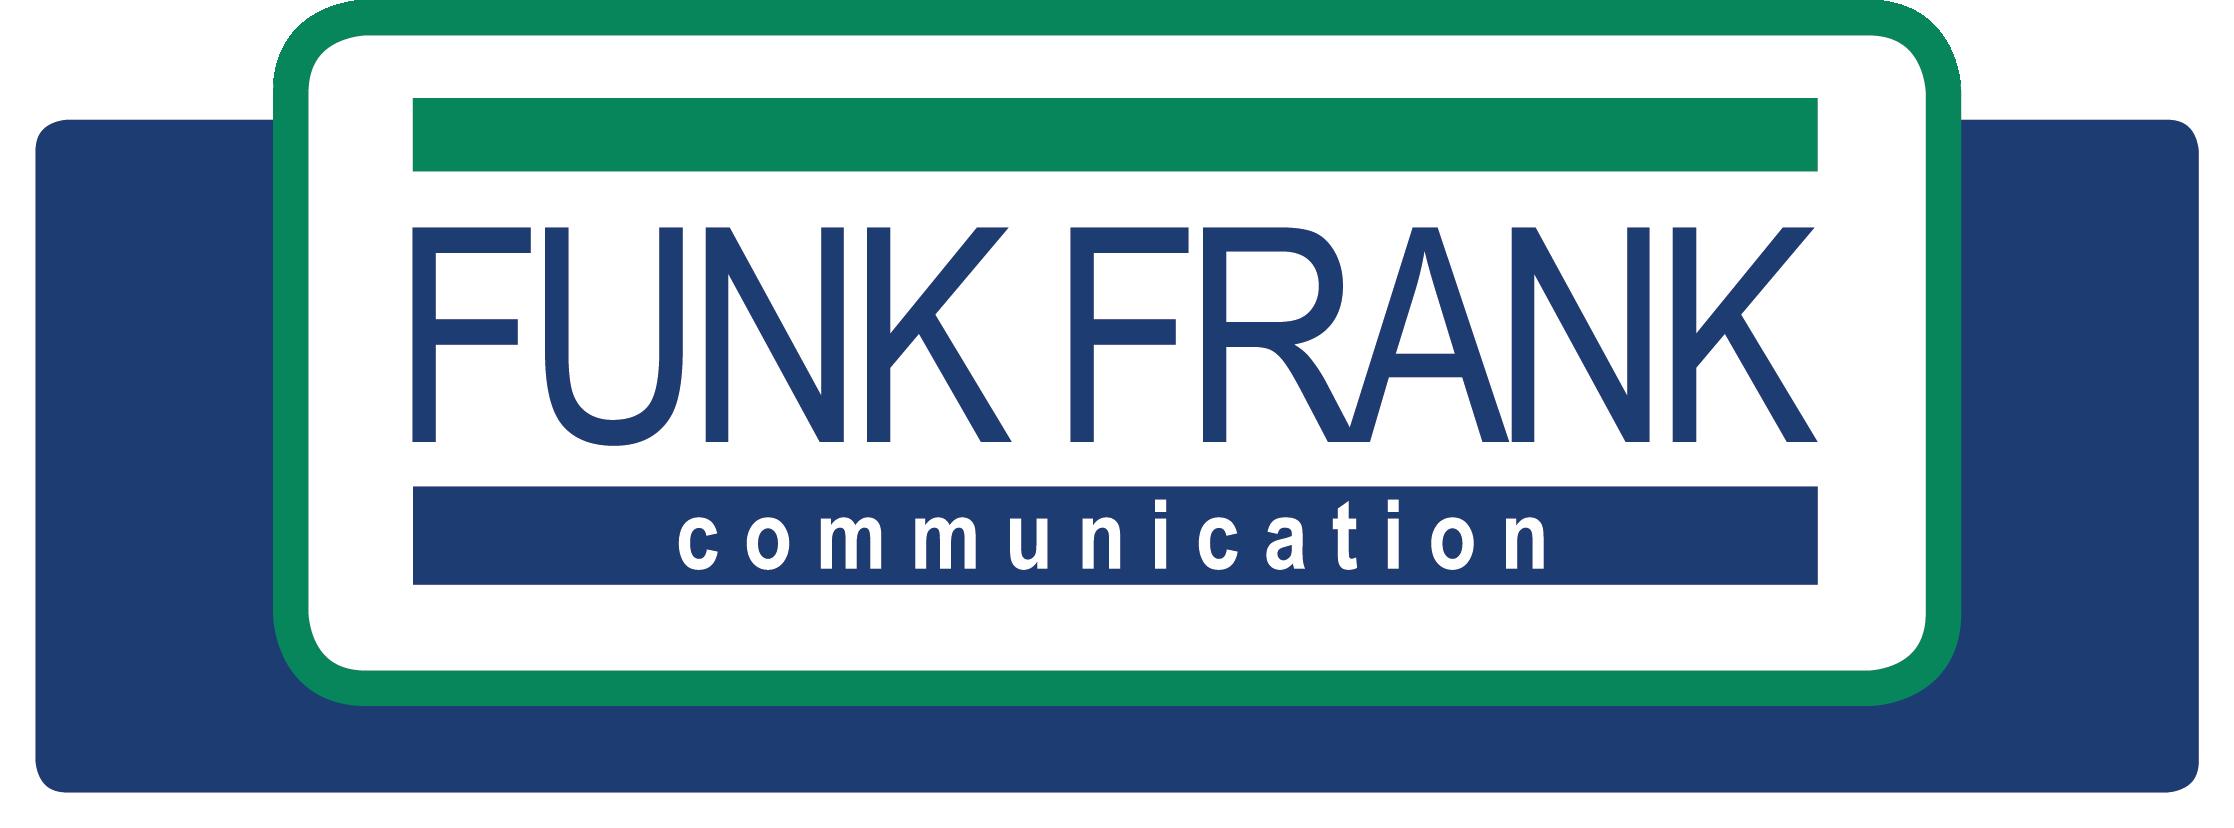 FunkFrank